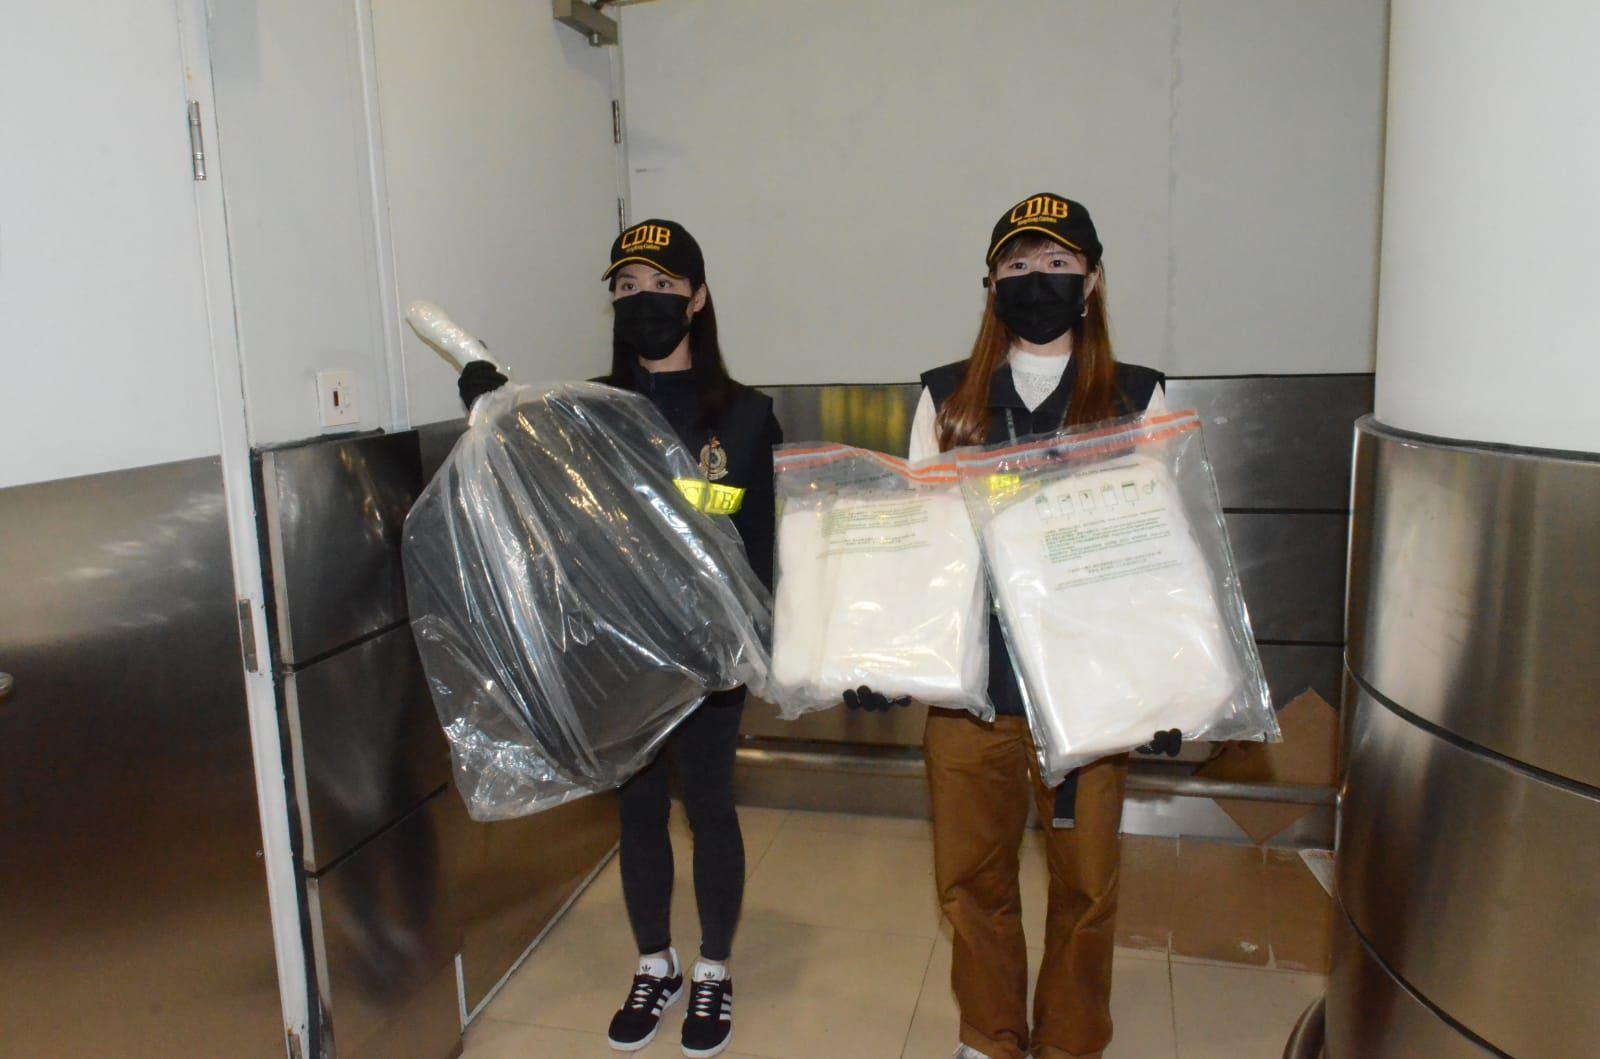 海关机场检350万元可卡因 49岁男旅客被捕